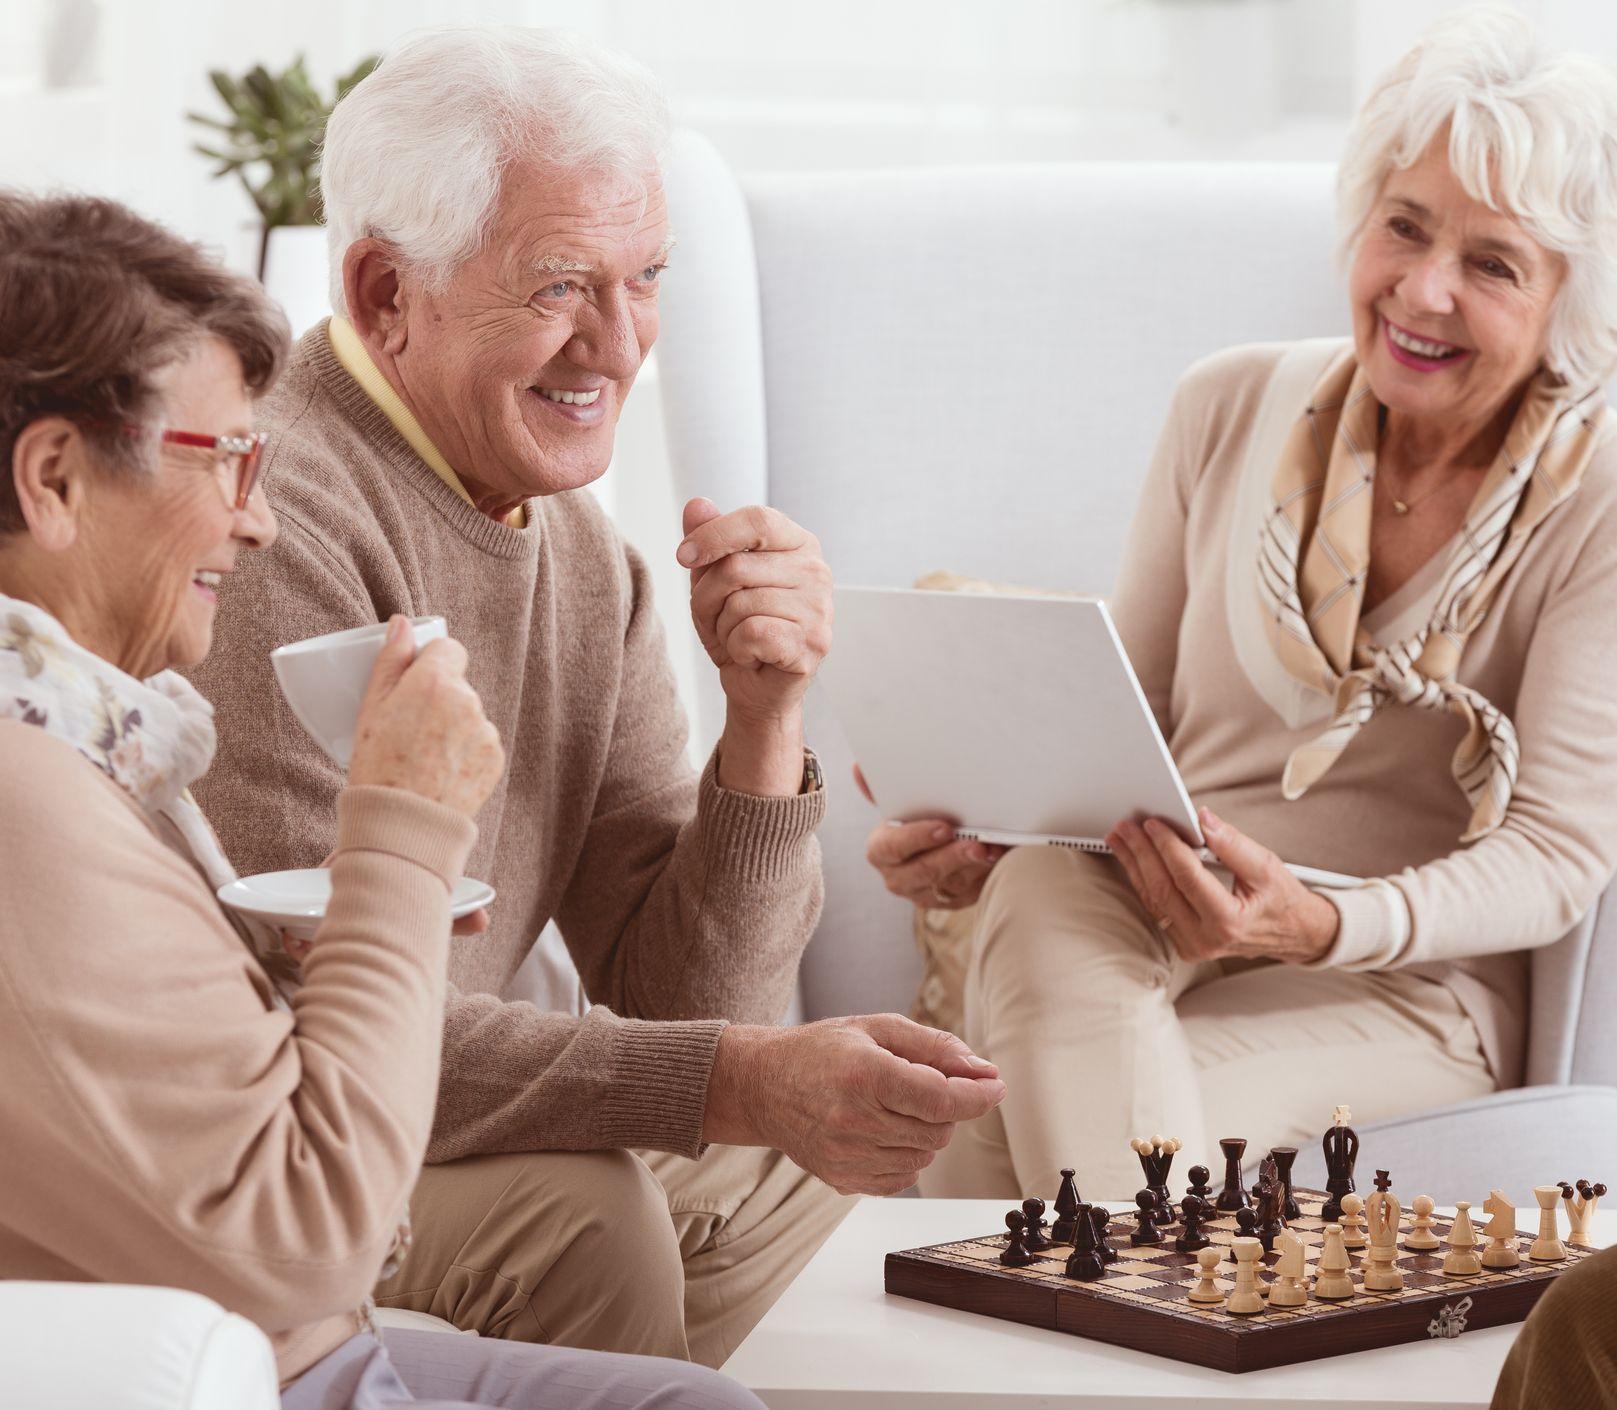 Nové priateľstvá po 50-ke? Takto sa zoznámite ľahko ako za starých čias